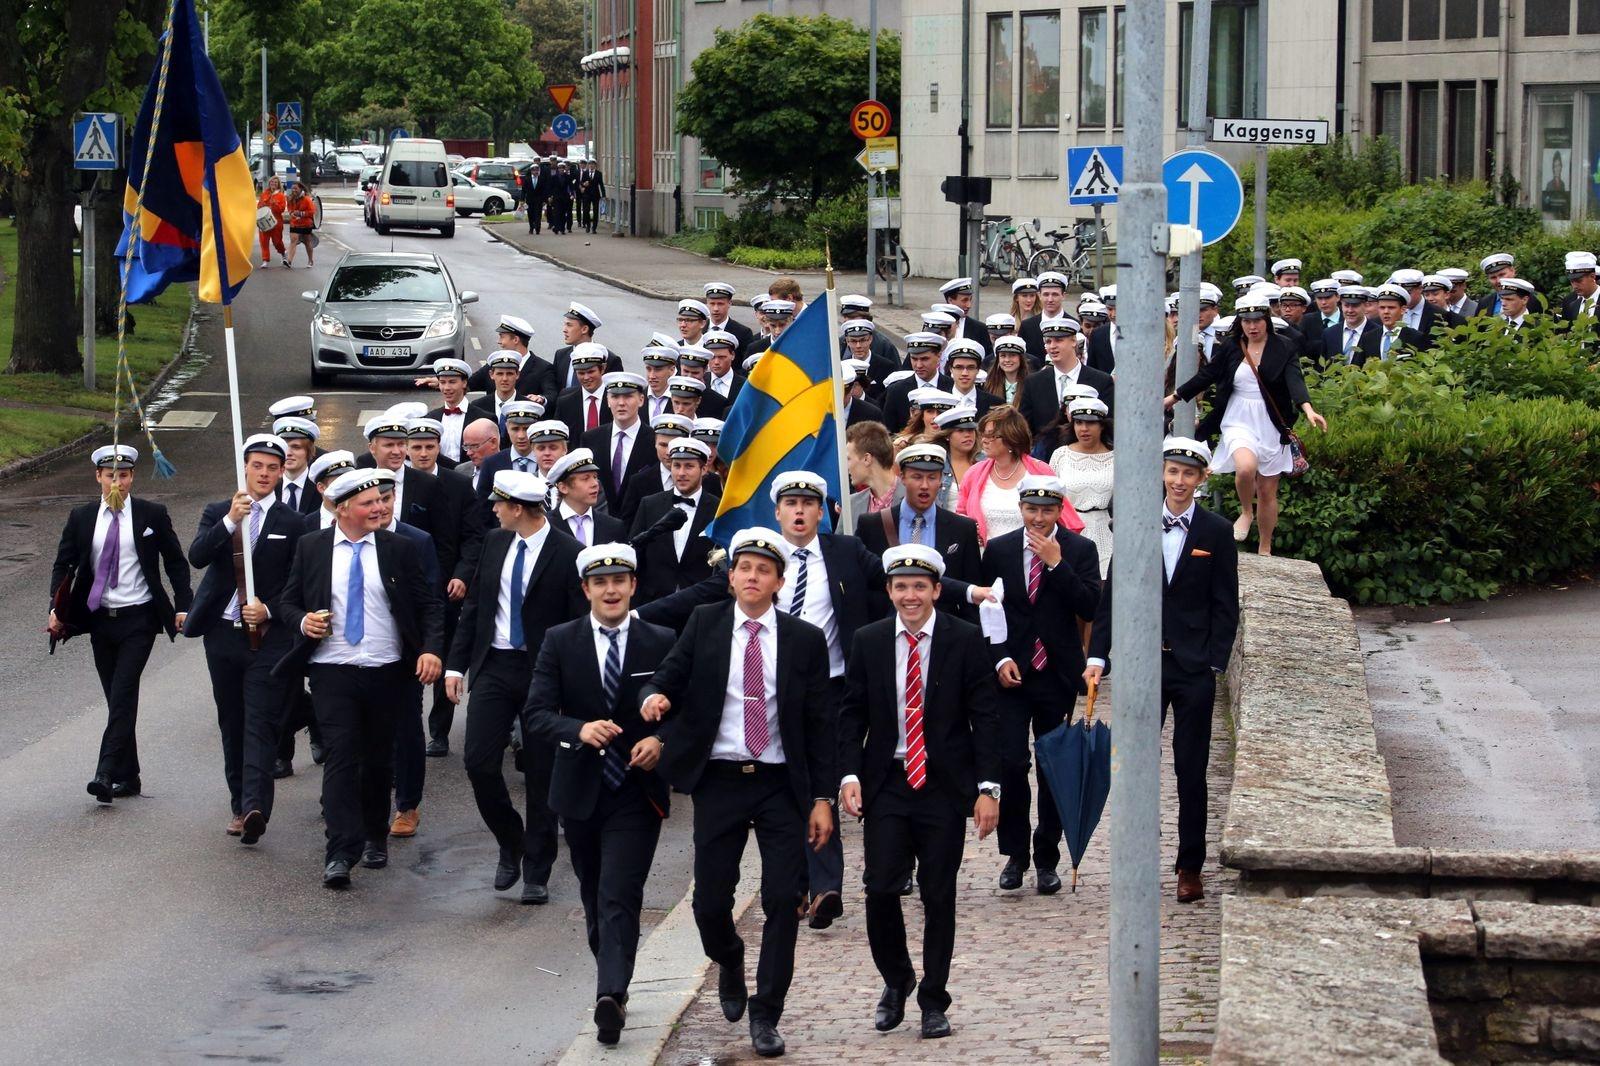 Lars Kaggskolan tågar från Kalmar domkyrka tillbaka till skolan vid studentexamen 2013.